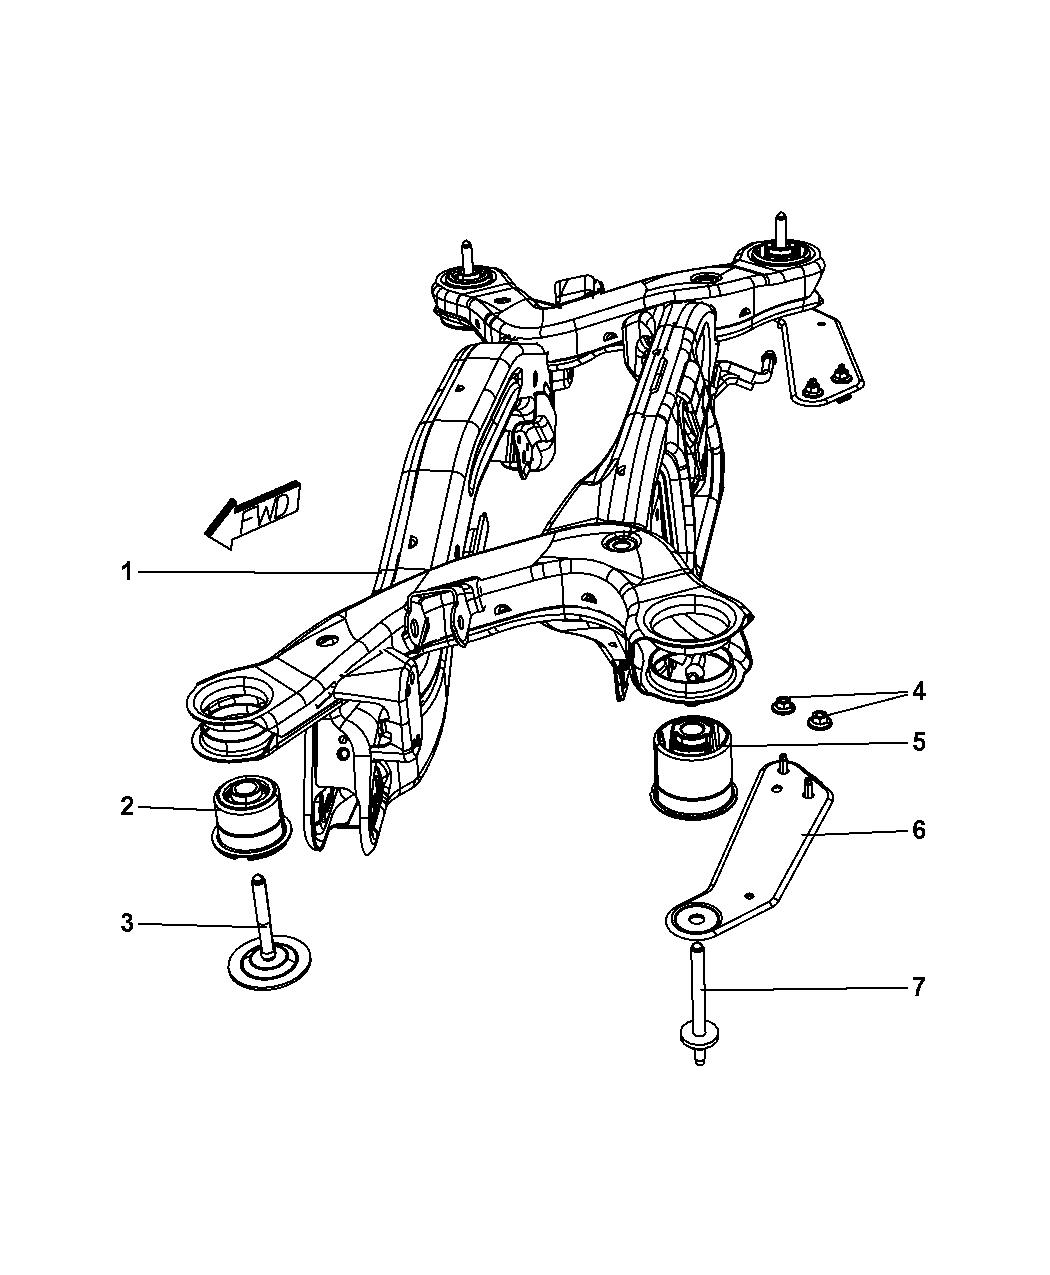 2008 dodge avenger parts